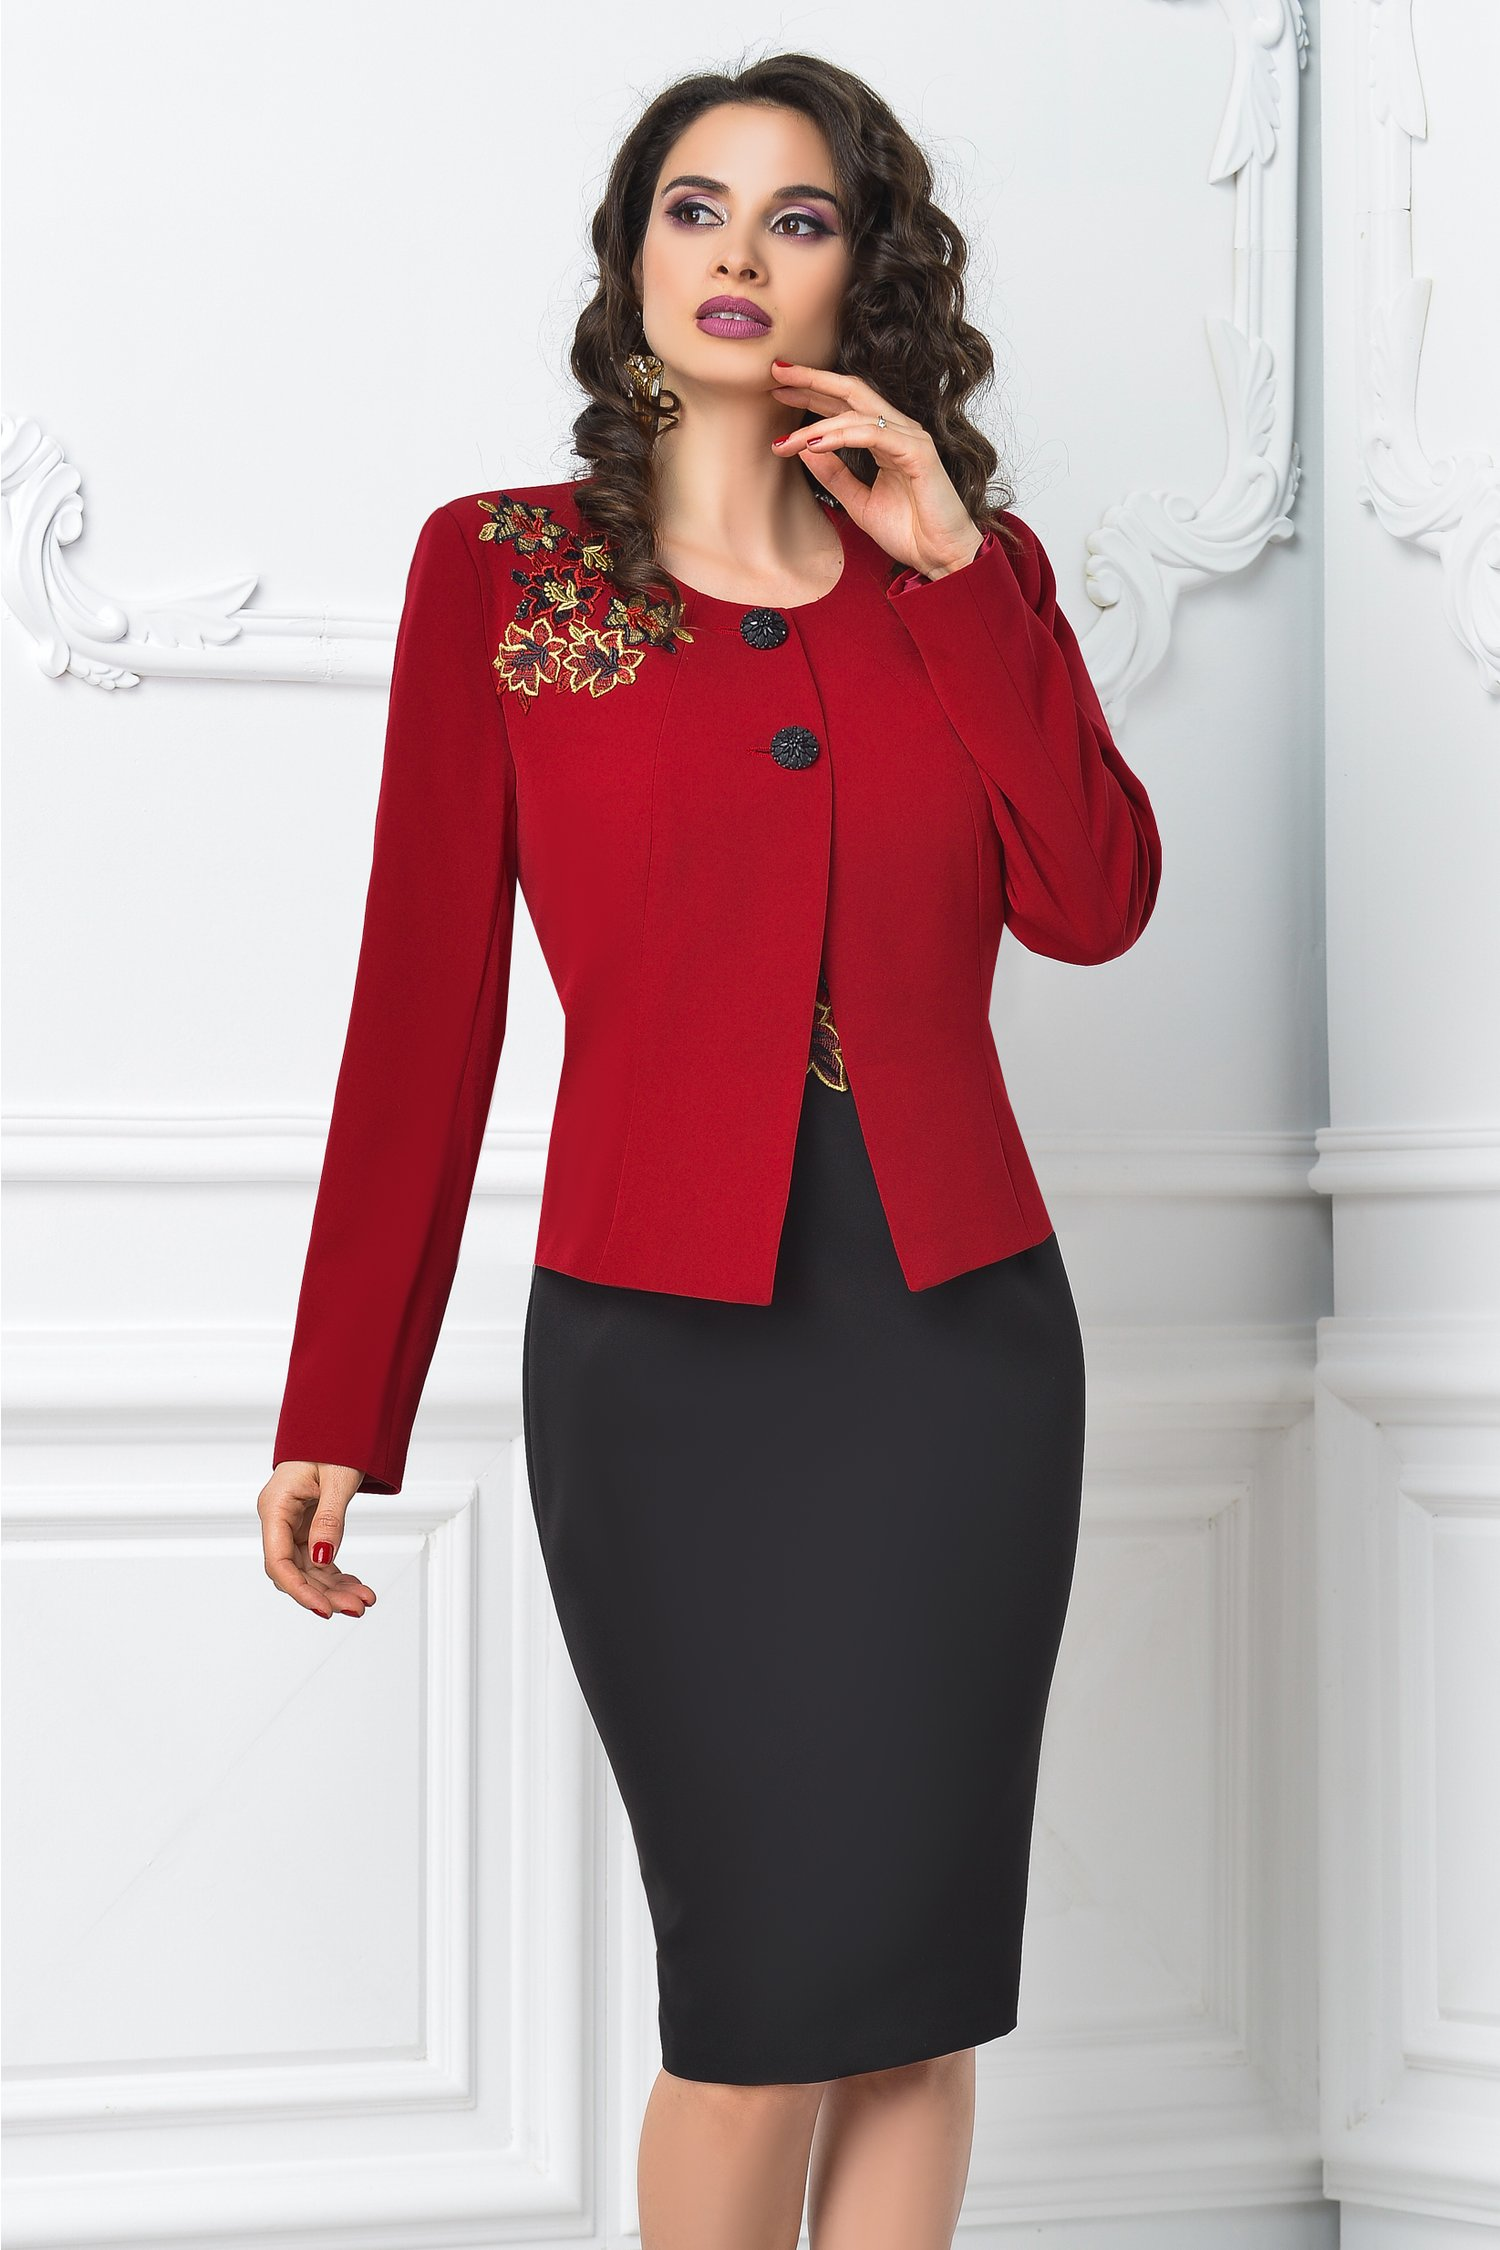 Compleu dama din 2 piese rosu negru cu rochie